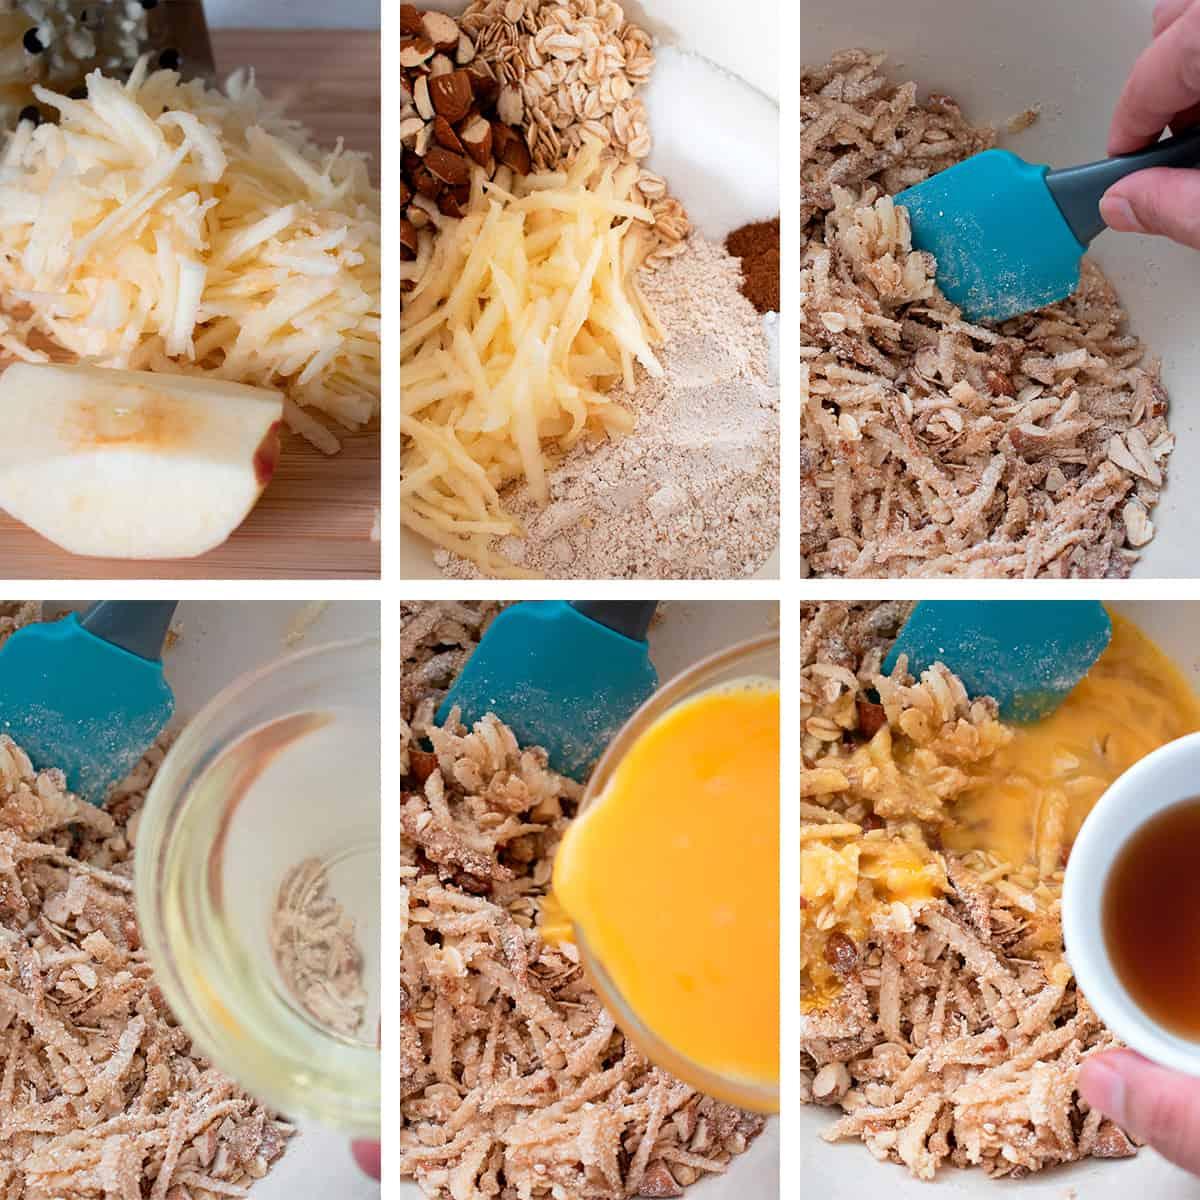 receta paso a paso para preparar barritas de avena y almendras con manzana y arándanos